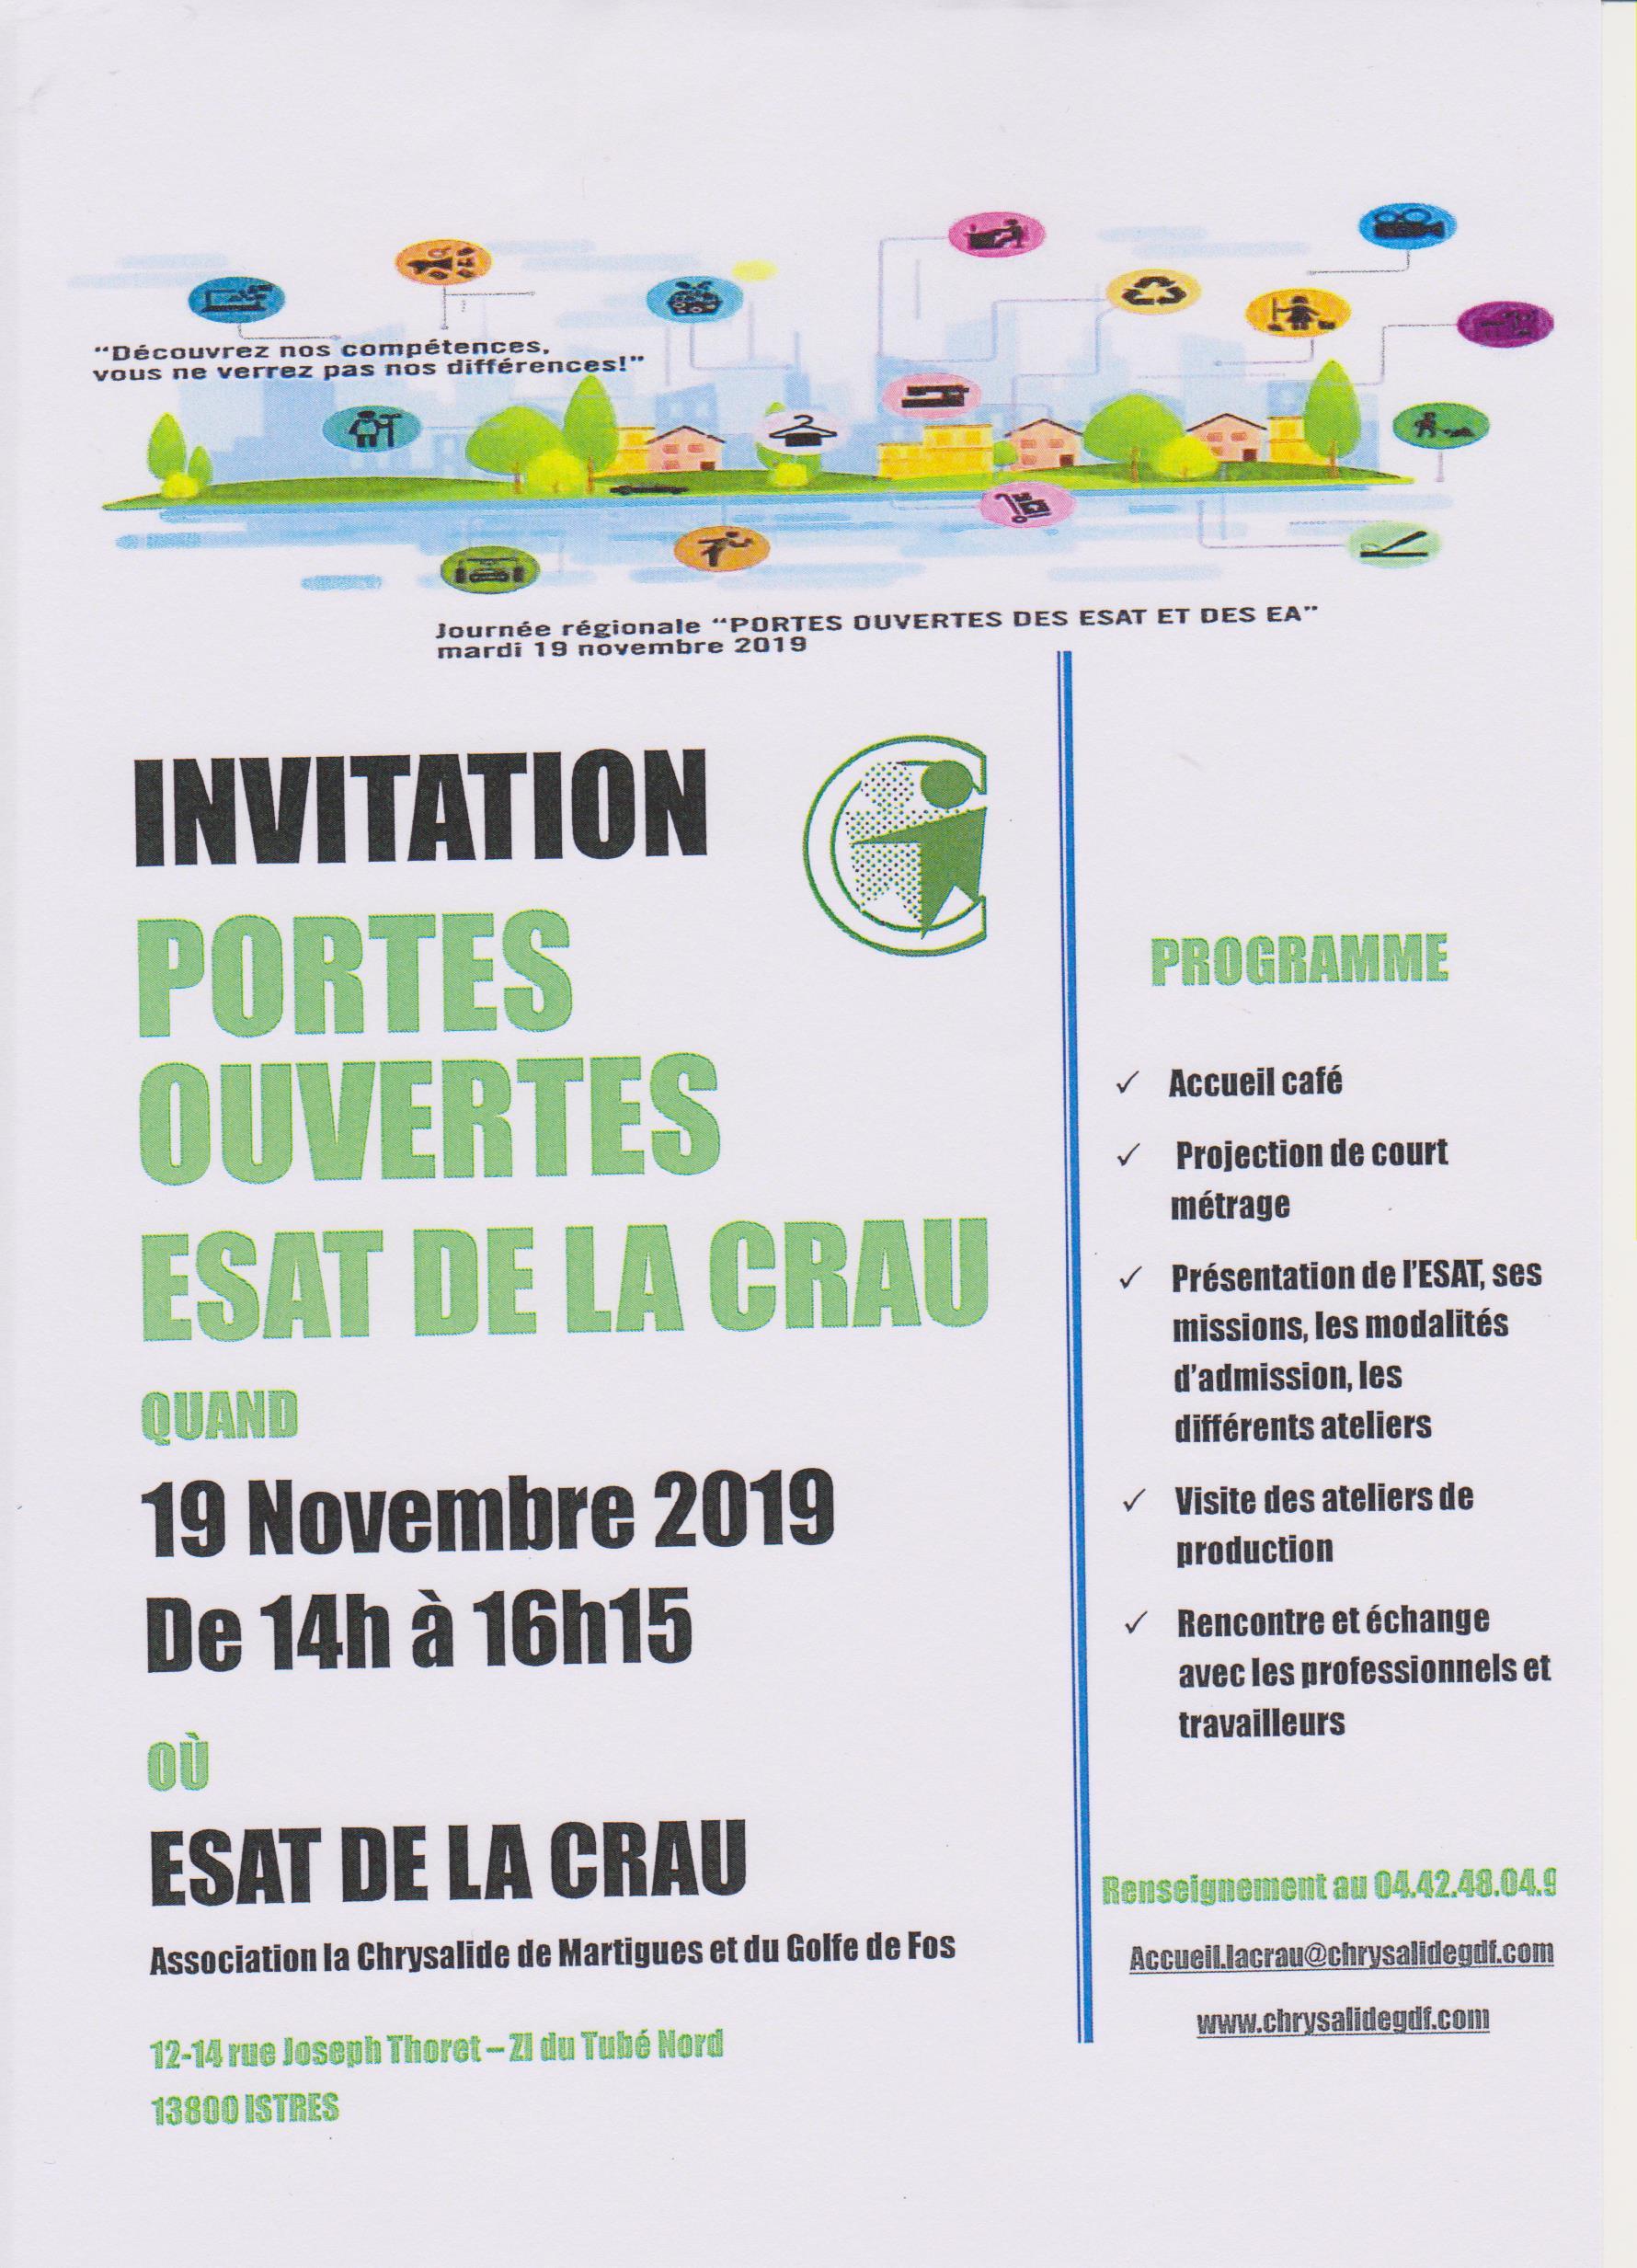 19 novembre 2019 : Portes ouvertes des ESAT de la Chrysalide